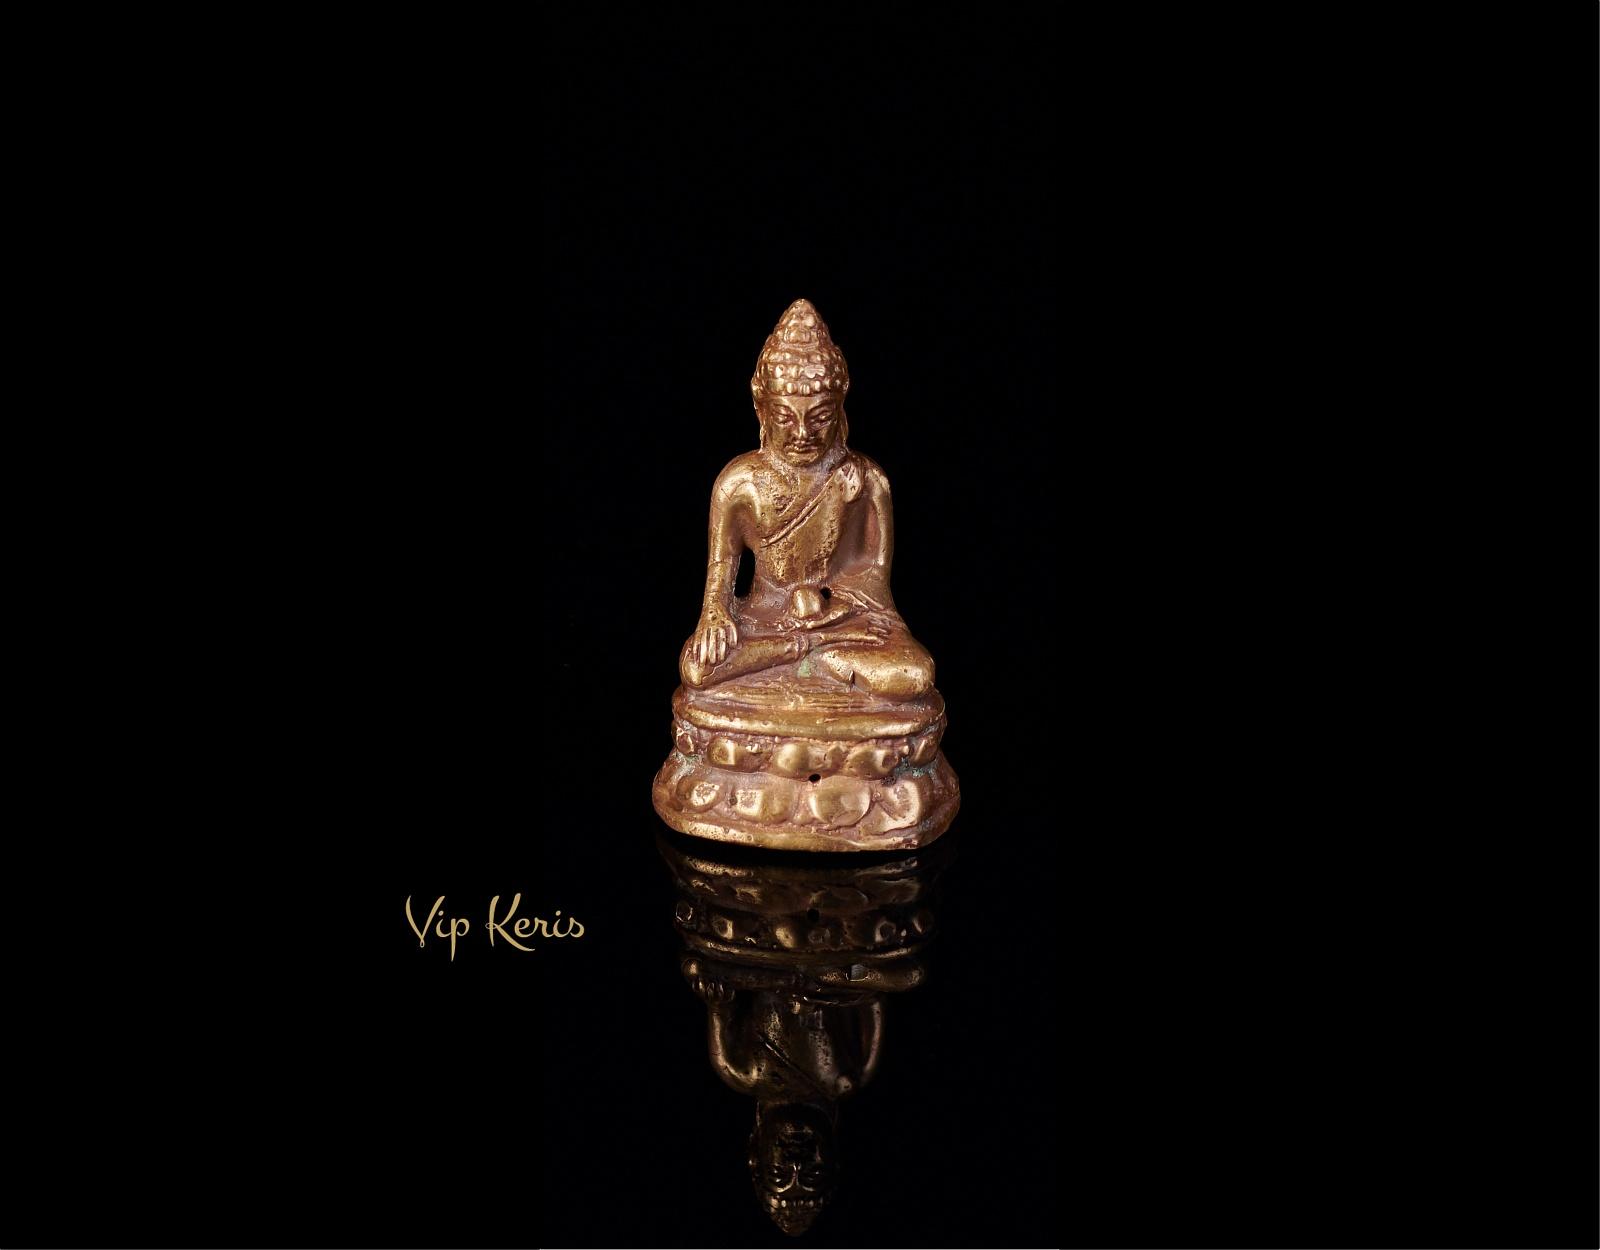 Миниатюрная старинная статуя Будды, 6см фото VipKeris